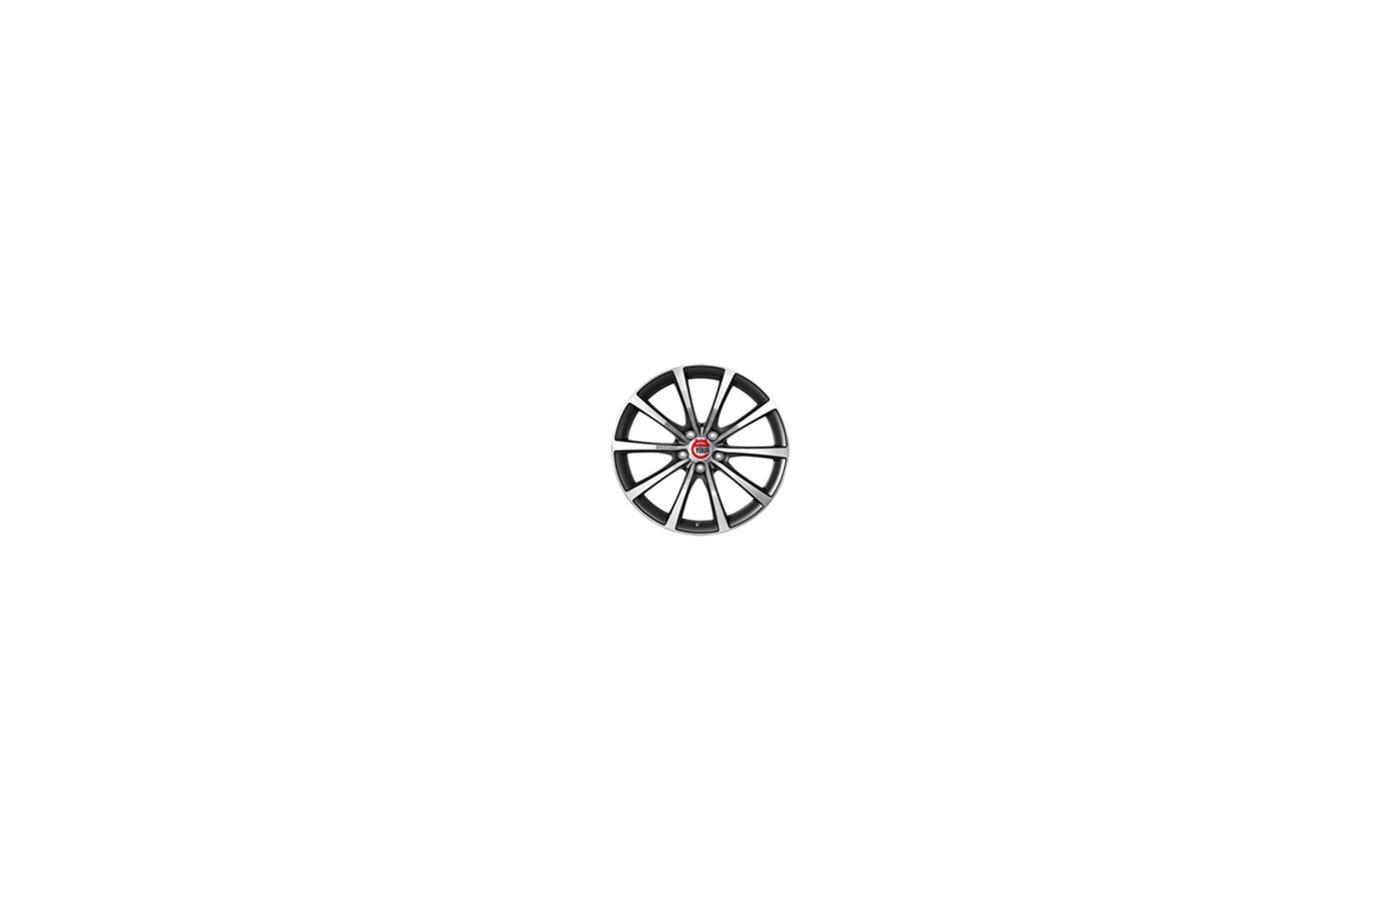 Диск Ё-wheels E07 6.5x16/5x114.3 D66.1 ET40 GMF